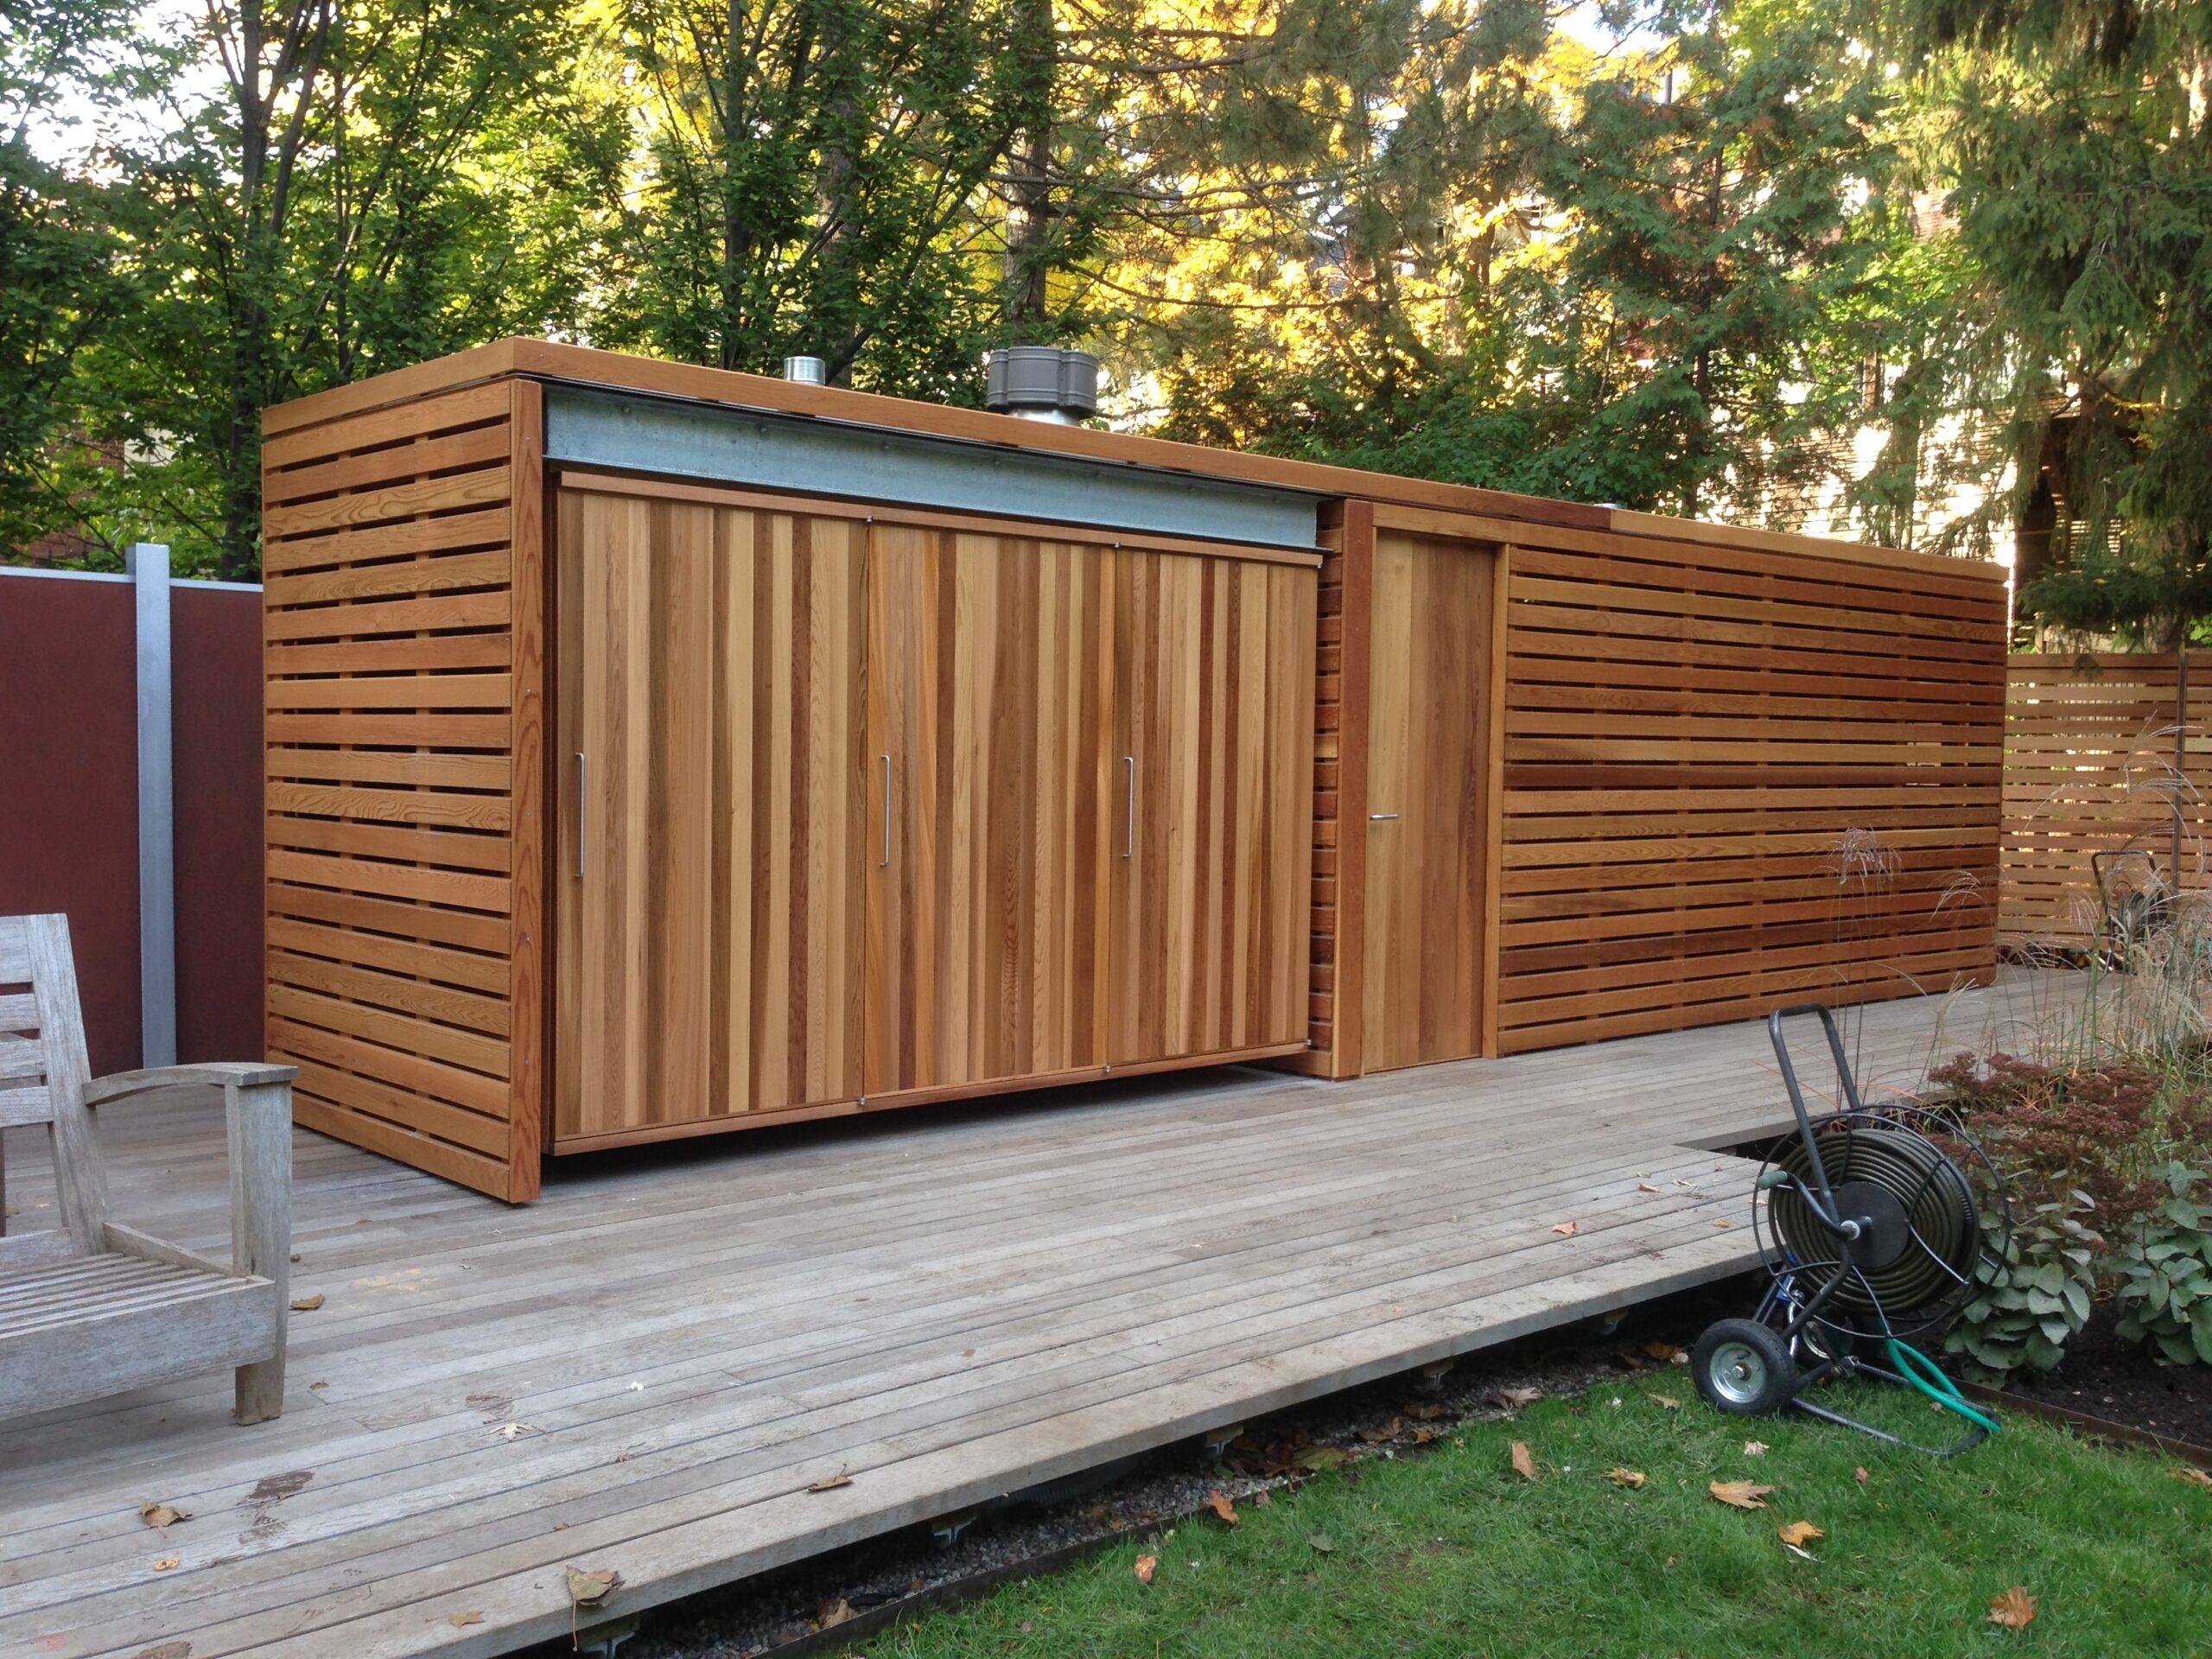 Rosedale poolhouse by Built Work